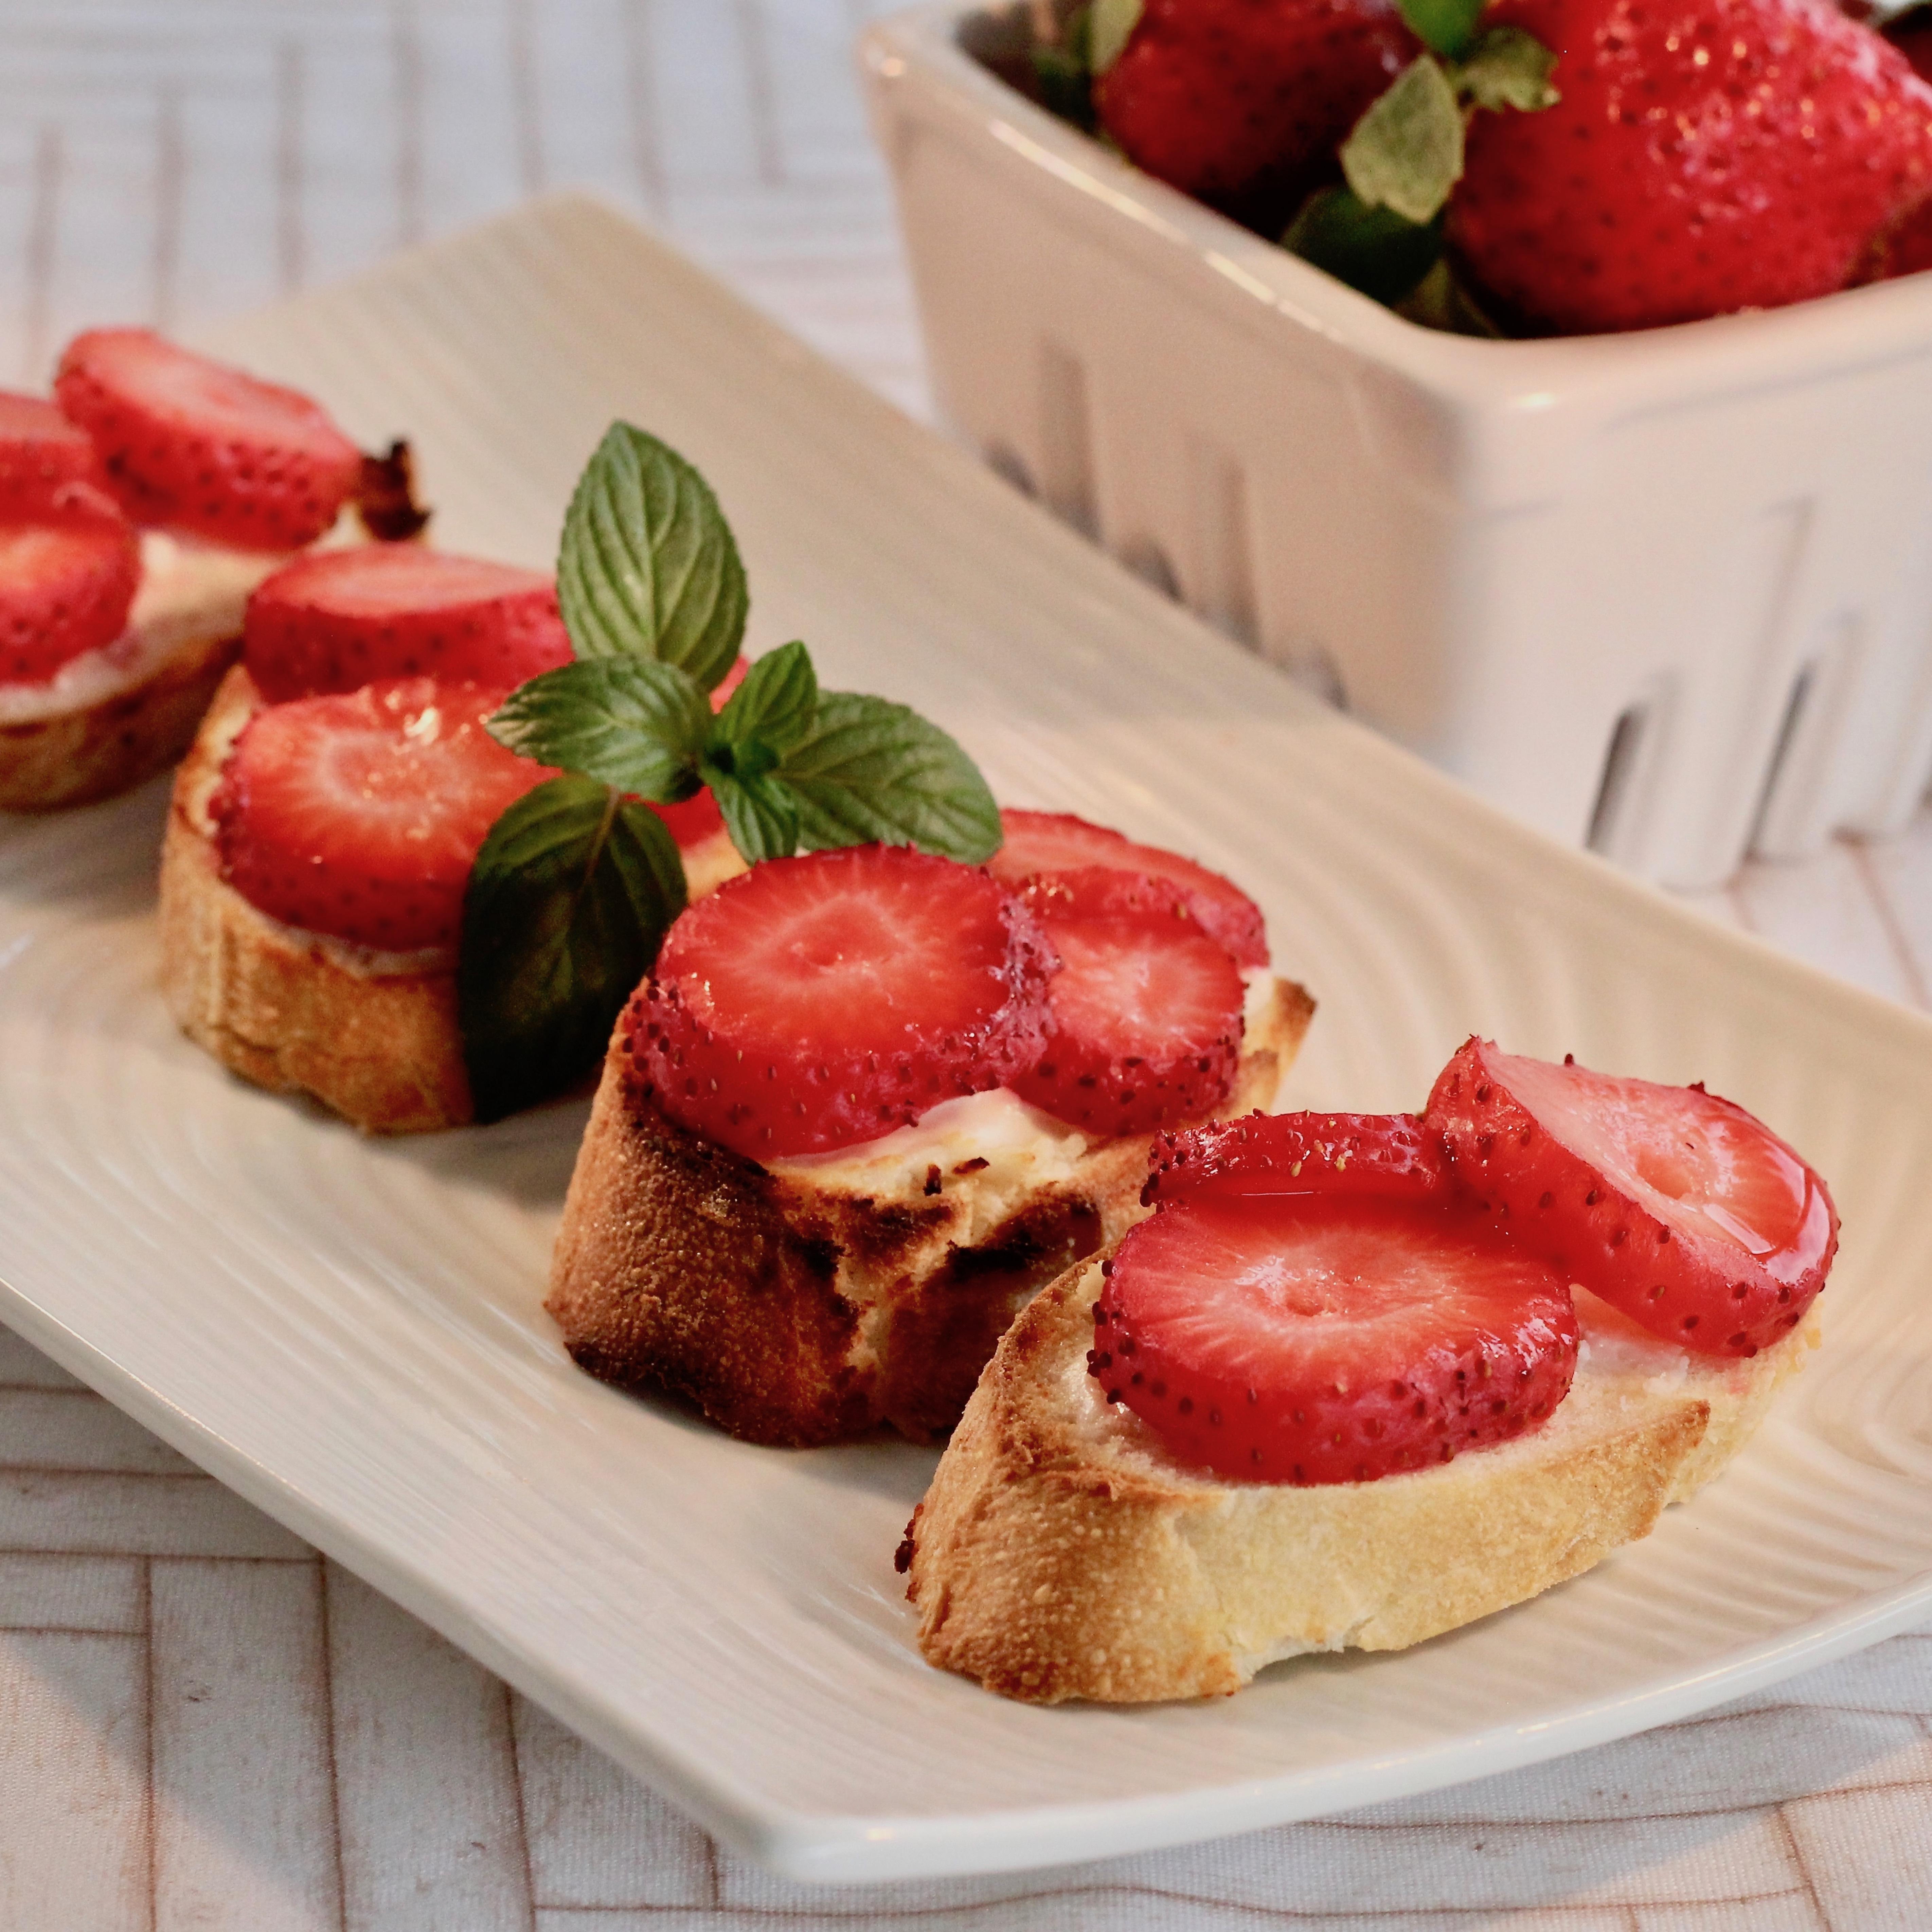 Strawberry Bruschetta lutzflcat